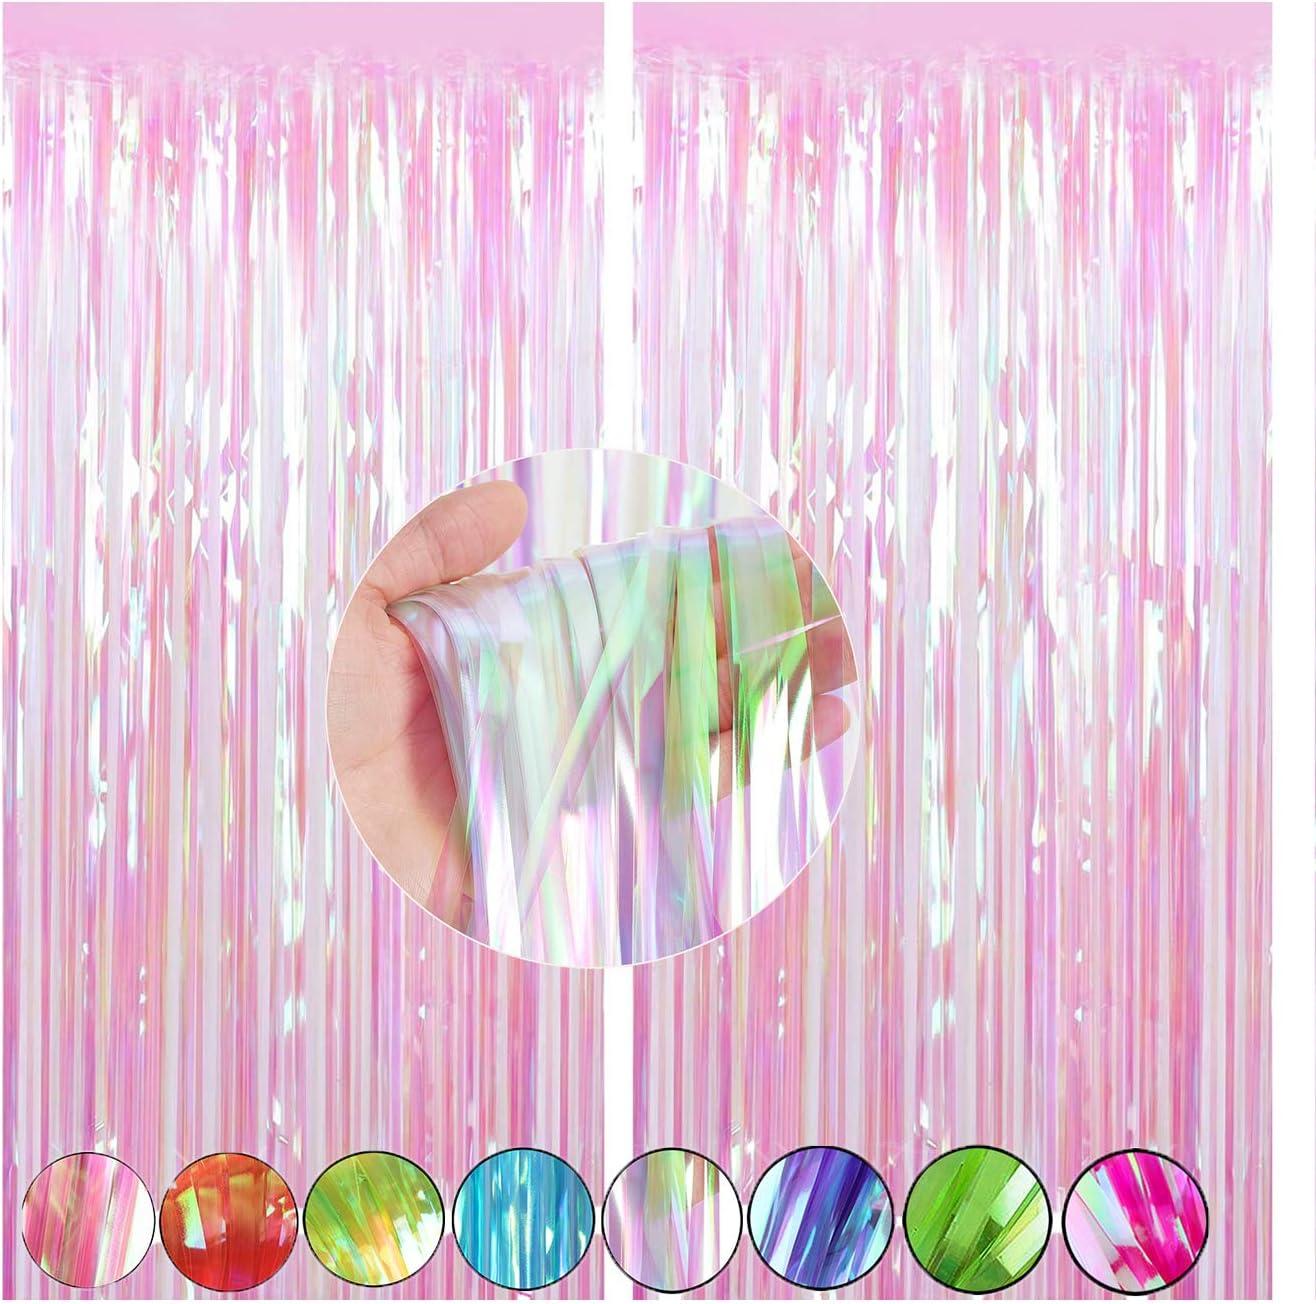 Cylmfc Folien Fransenvorhänge Party Dekorationen Regenbogen Metallic Lametta Vorhang